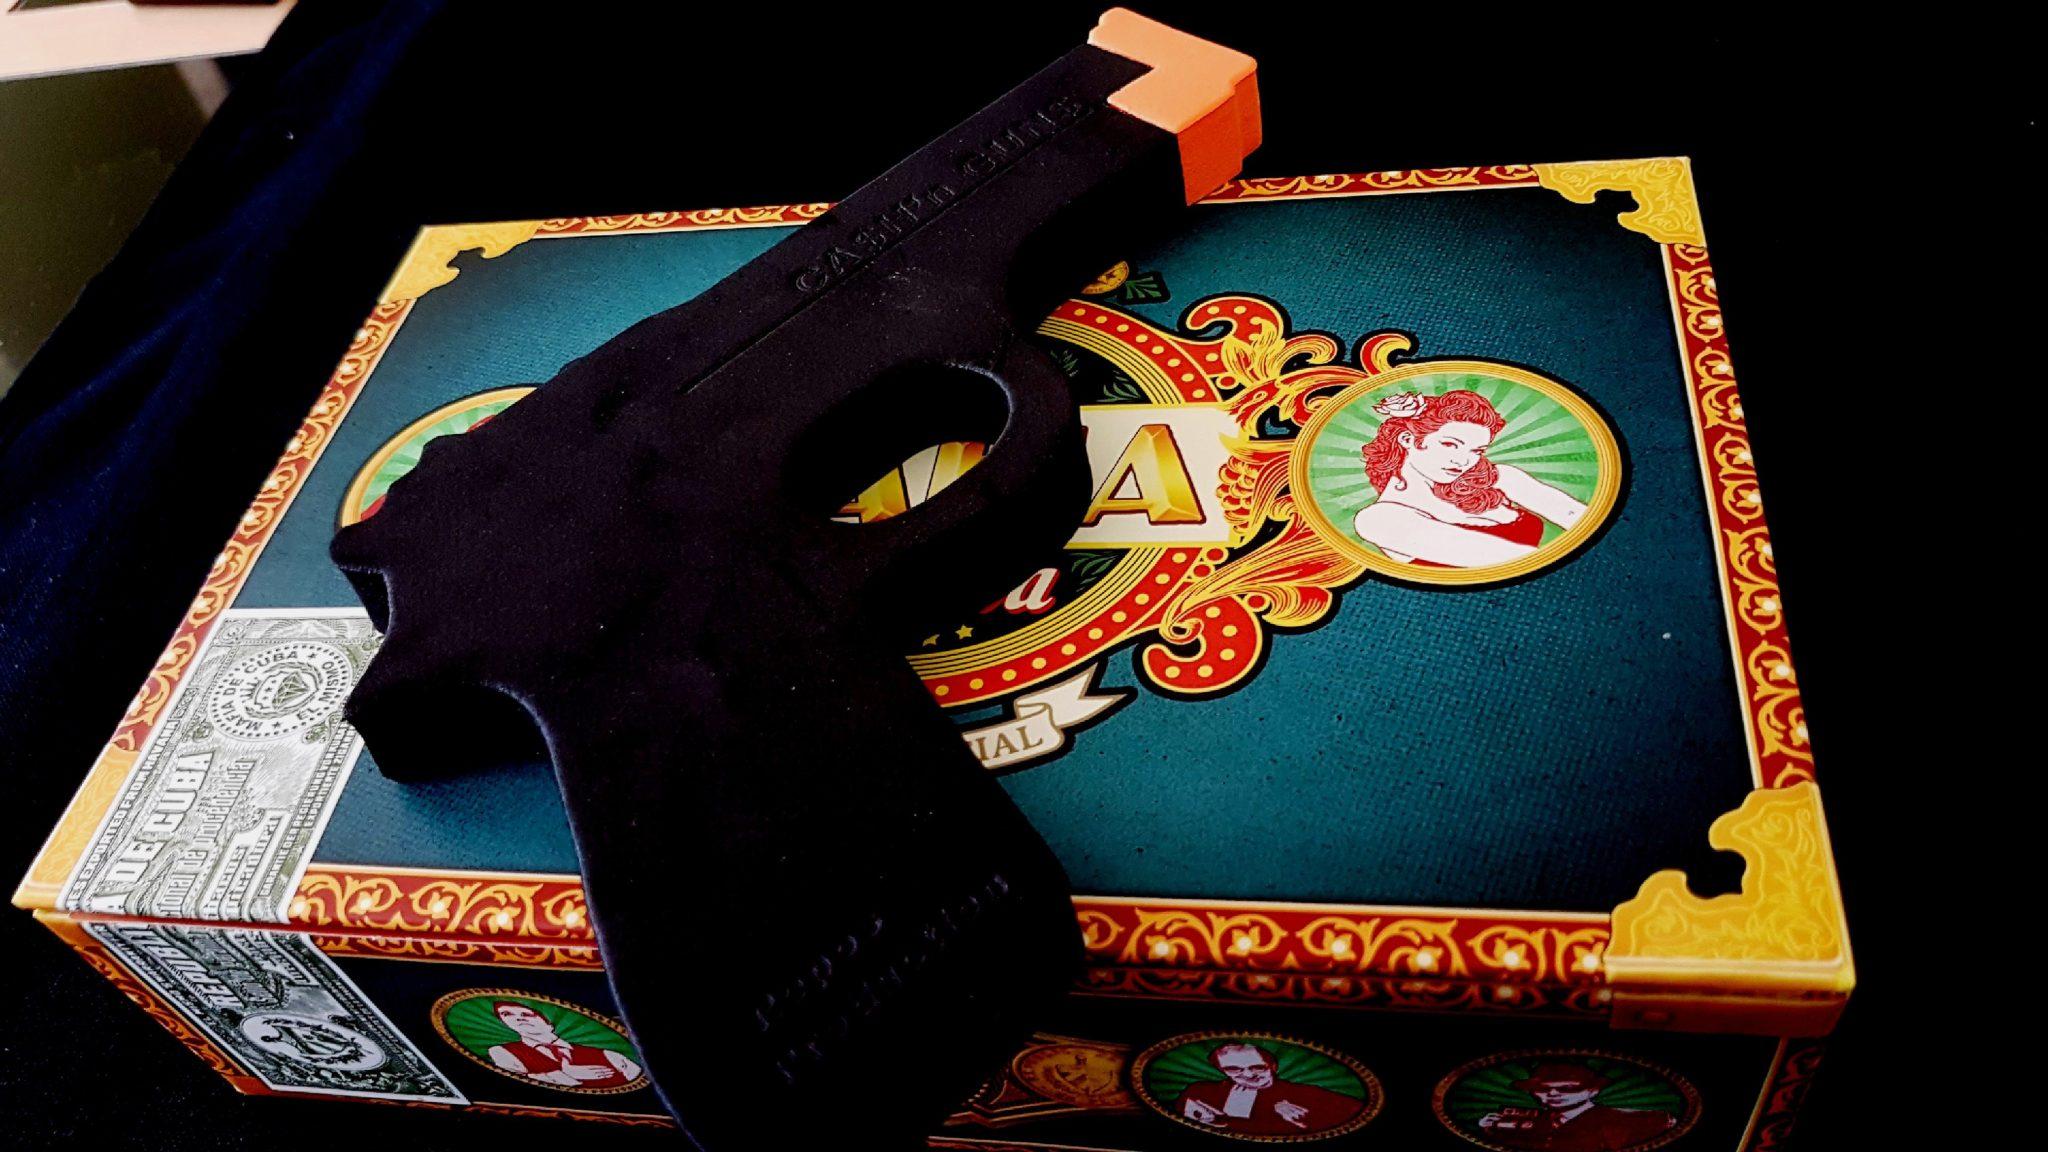 Gun on box